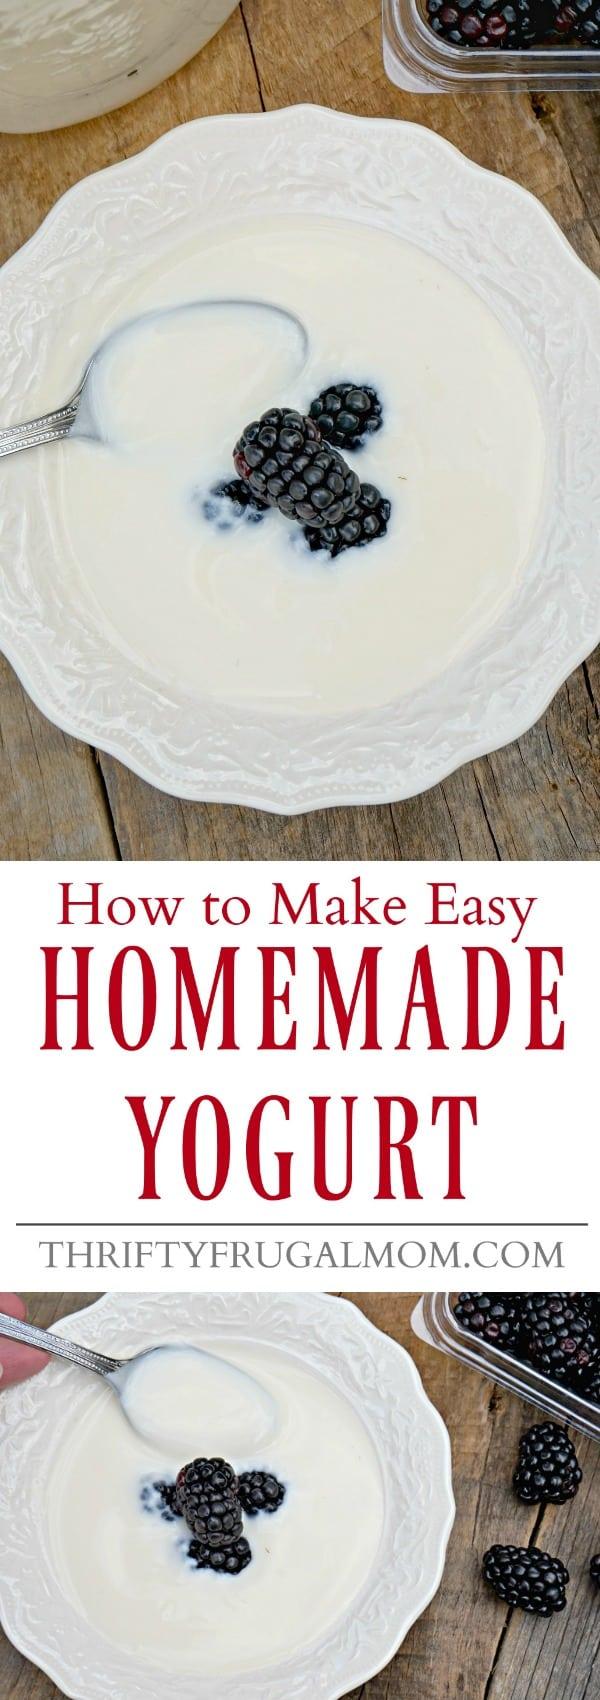 easy-homemade-yogurt